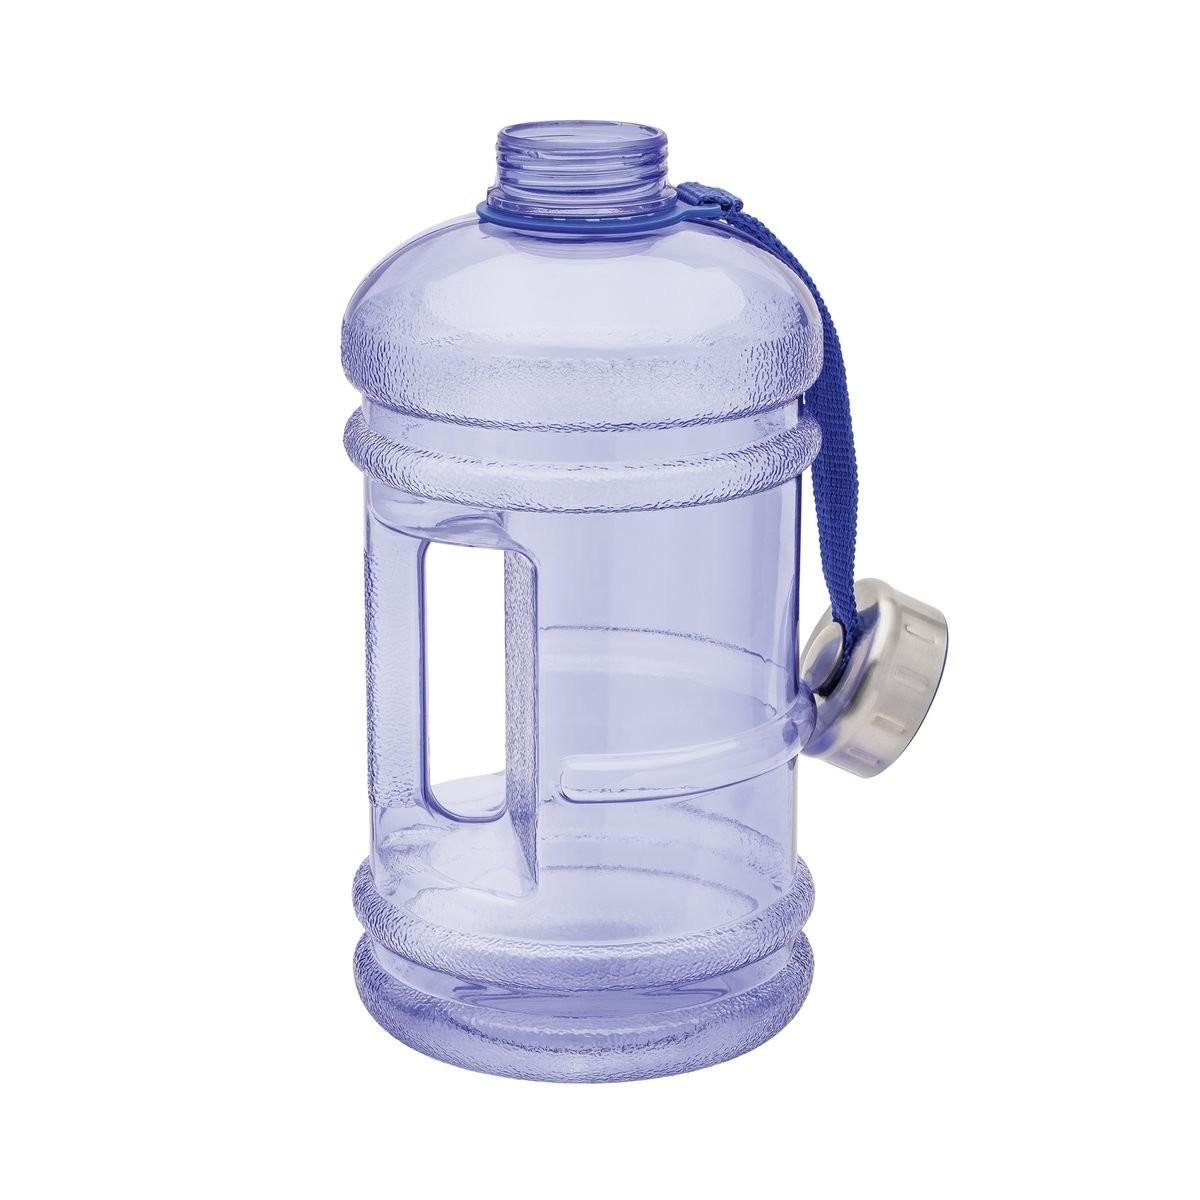 Fitnessflasche REFLECTS-KOUVOLA, Ansicht 2